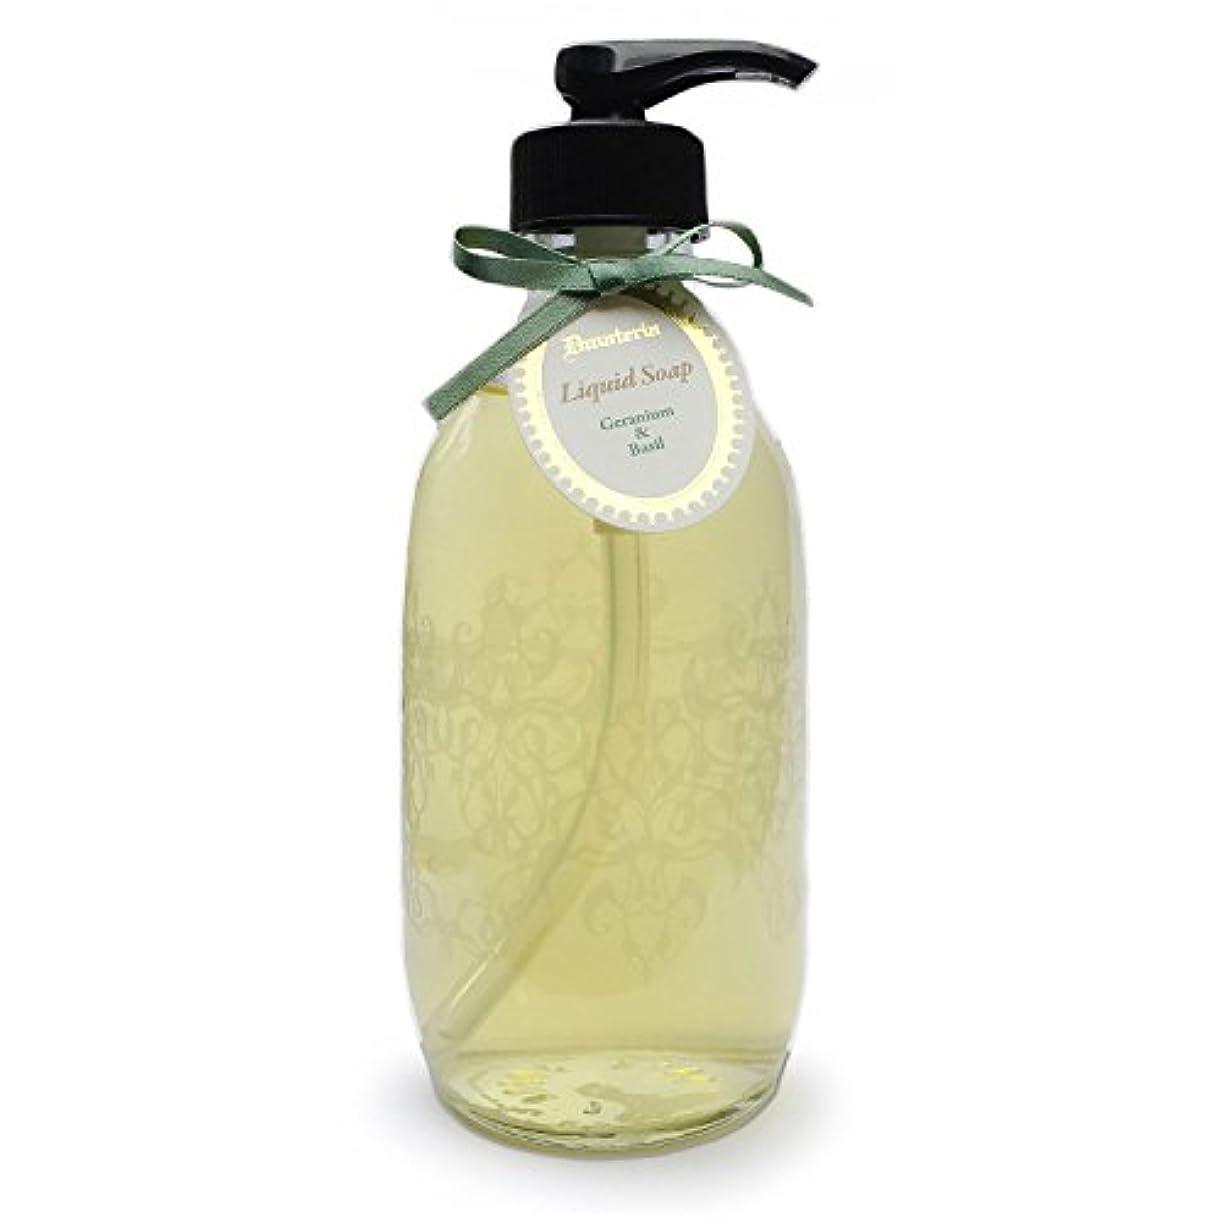 エッセンス控える歴史家D materia リキッドソープ ゼラニウム&バジル Geranium&Basil Liquid Soap ディーマテリア